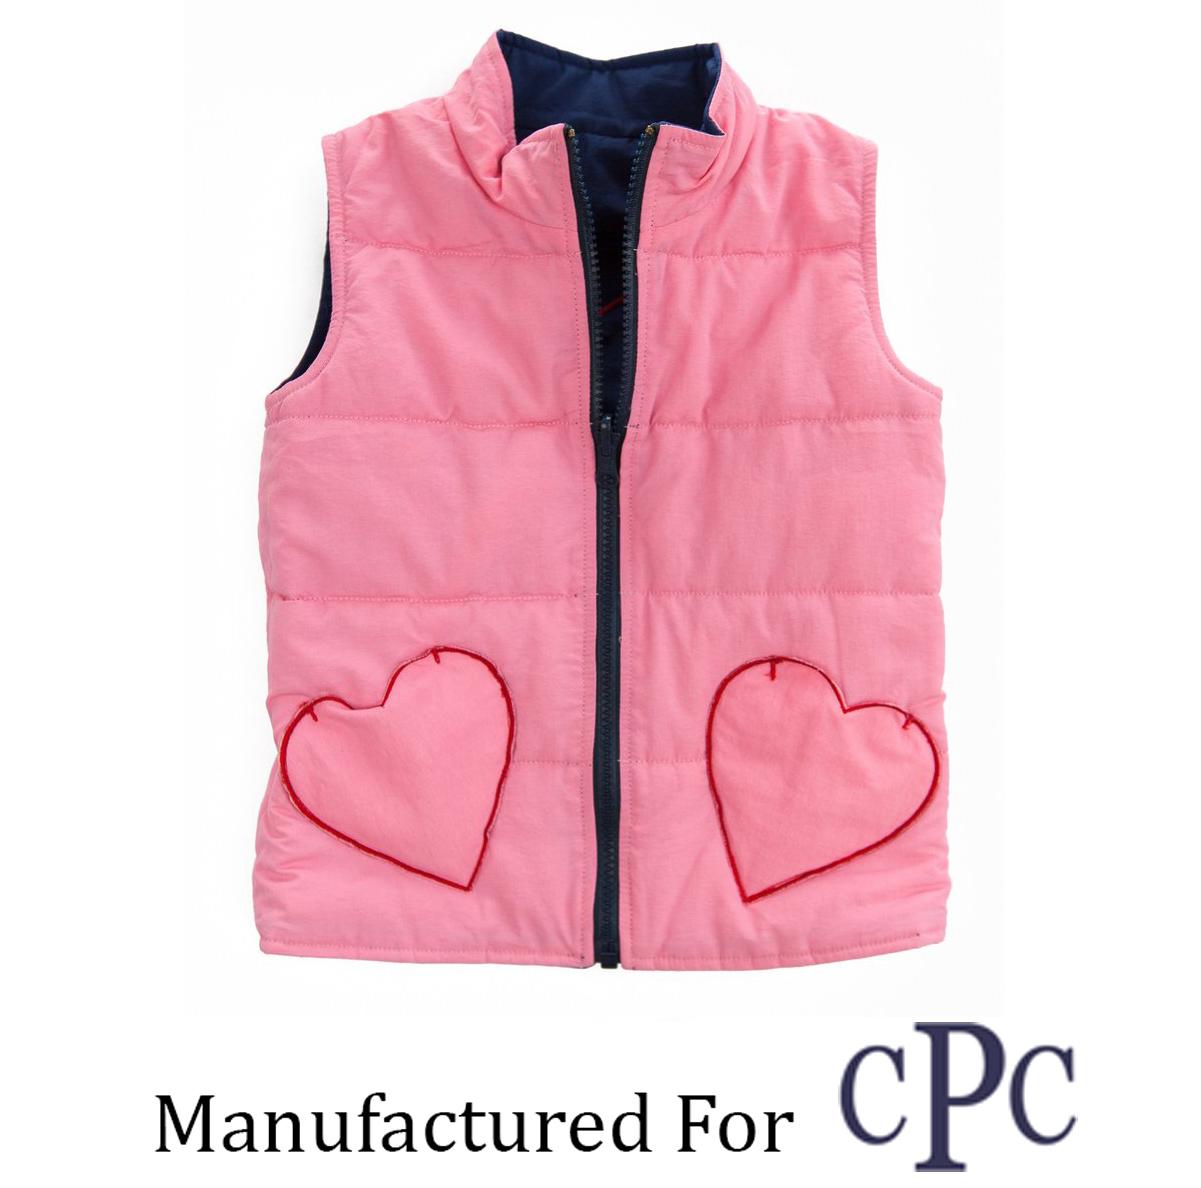 CPC Vest 1.jpg